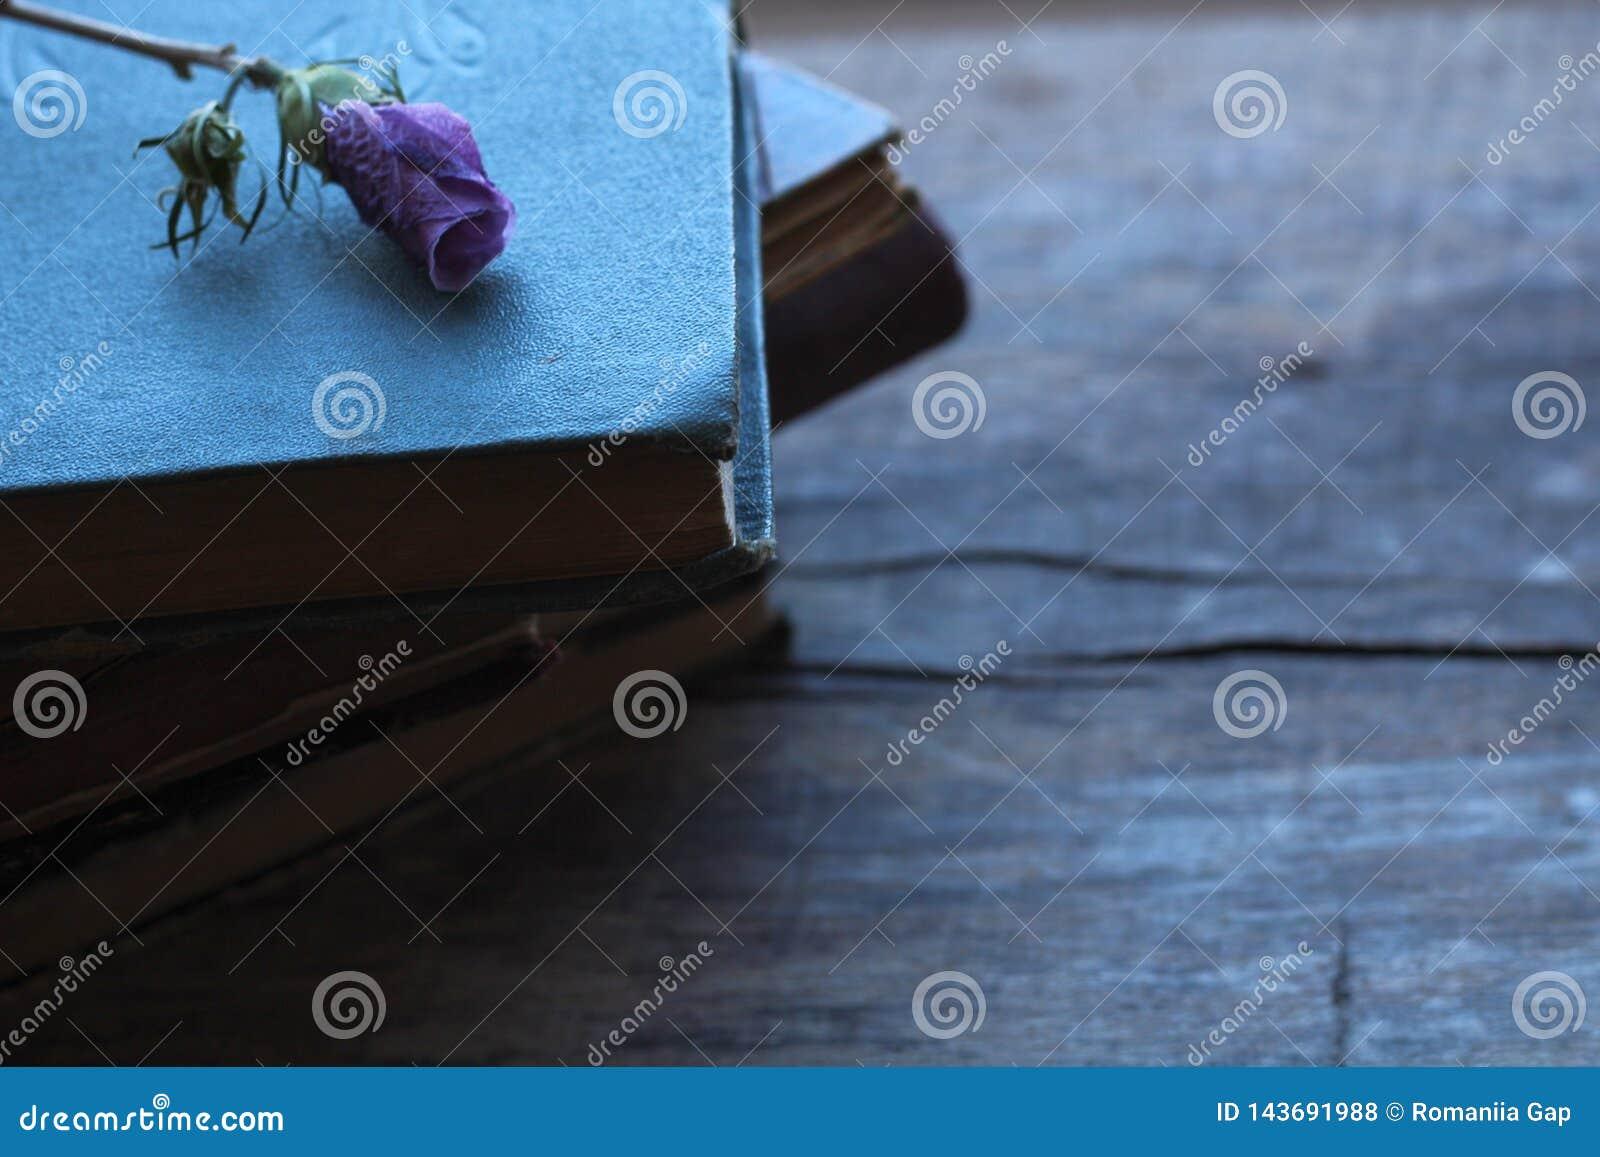 Stapel oude boeken met droge purpere bloem gezwollen op een houten achtergrond